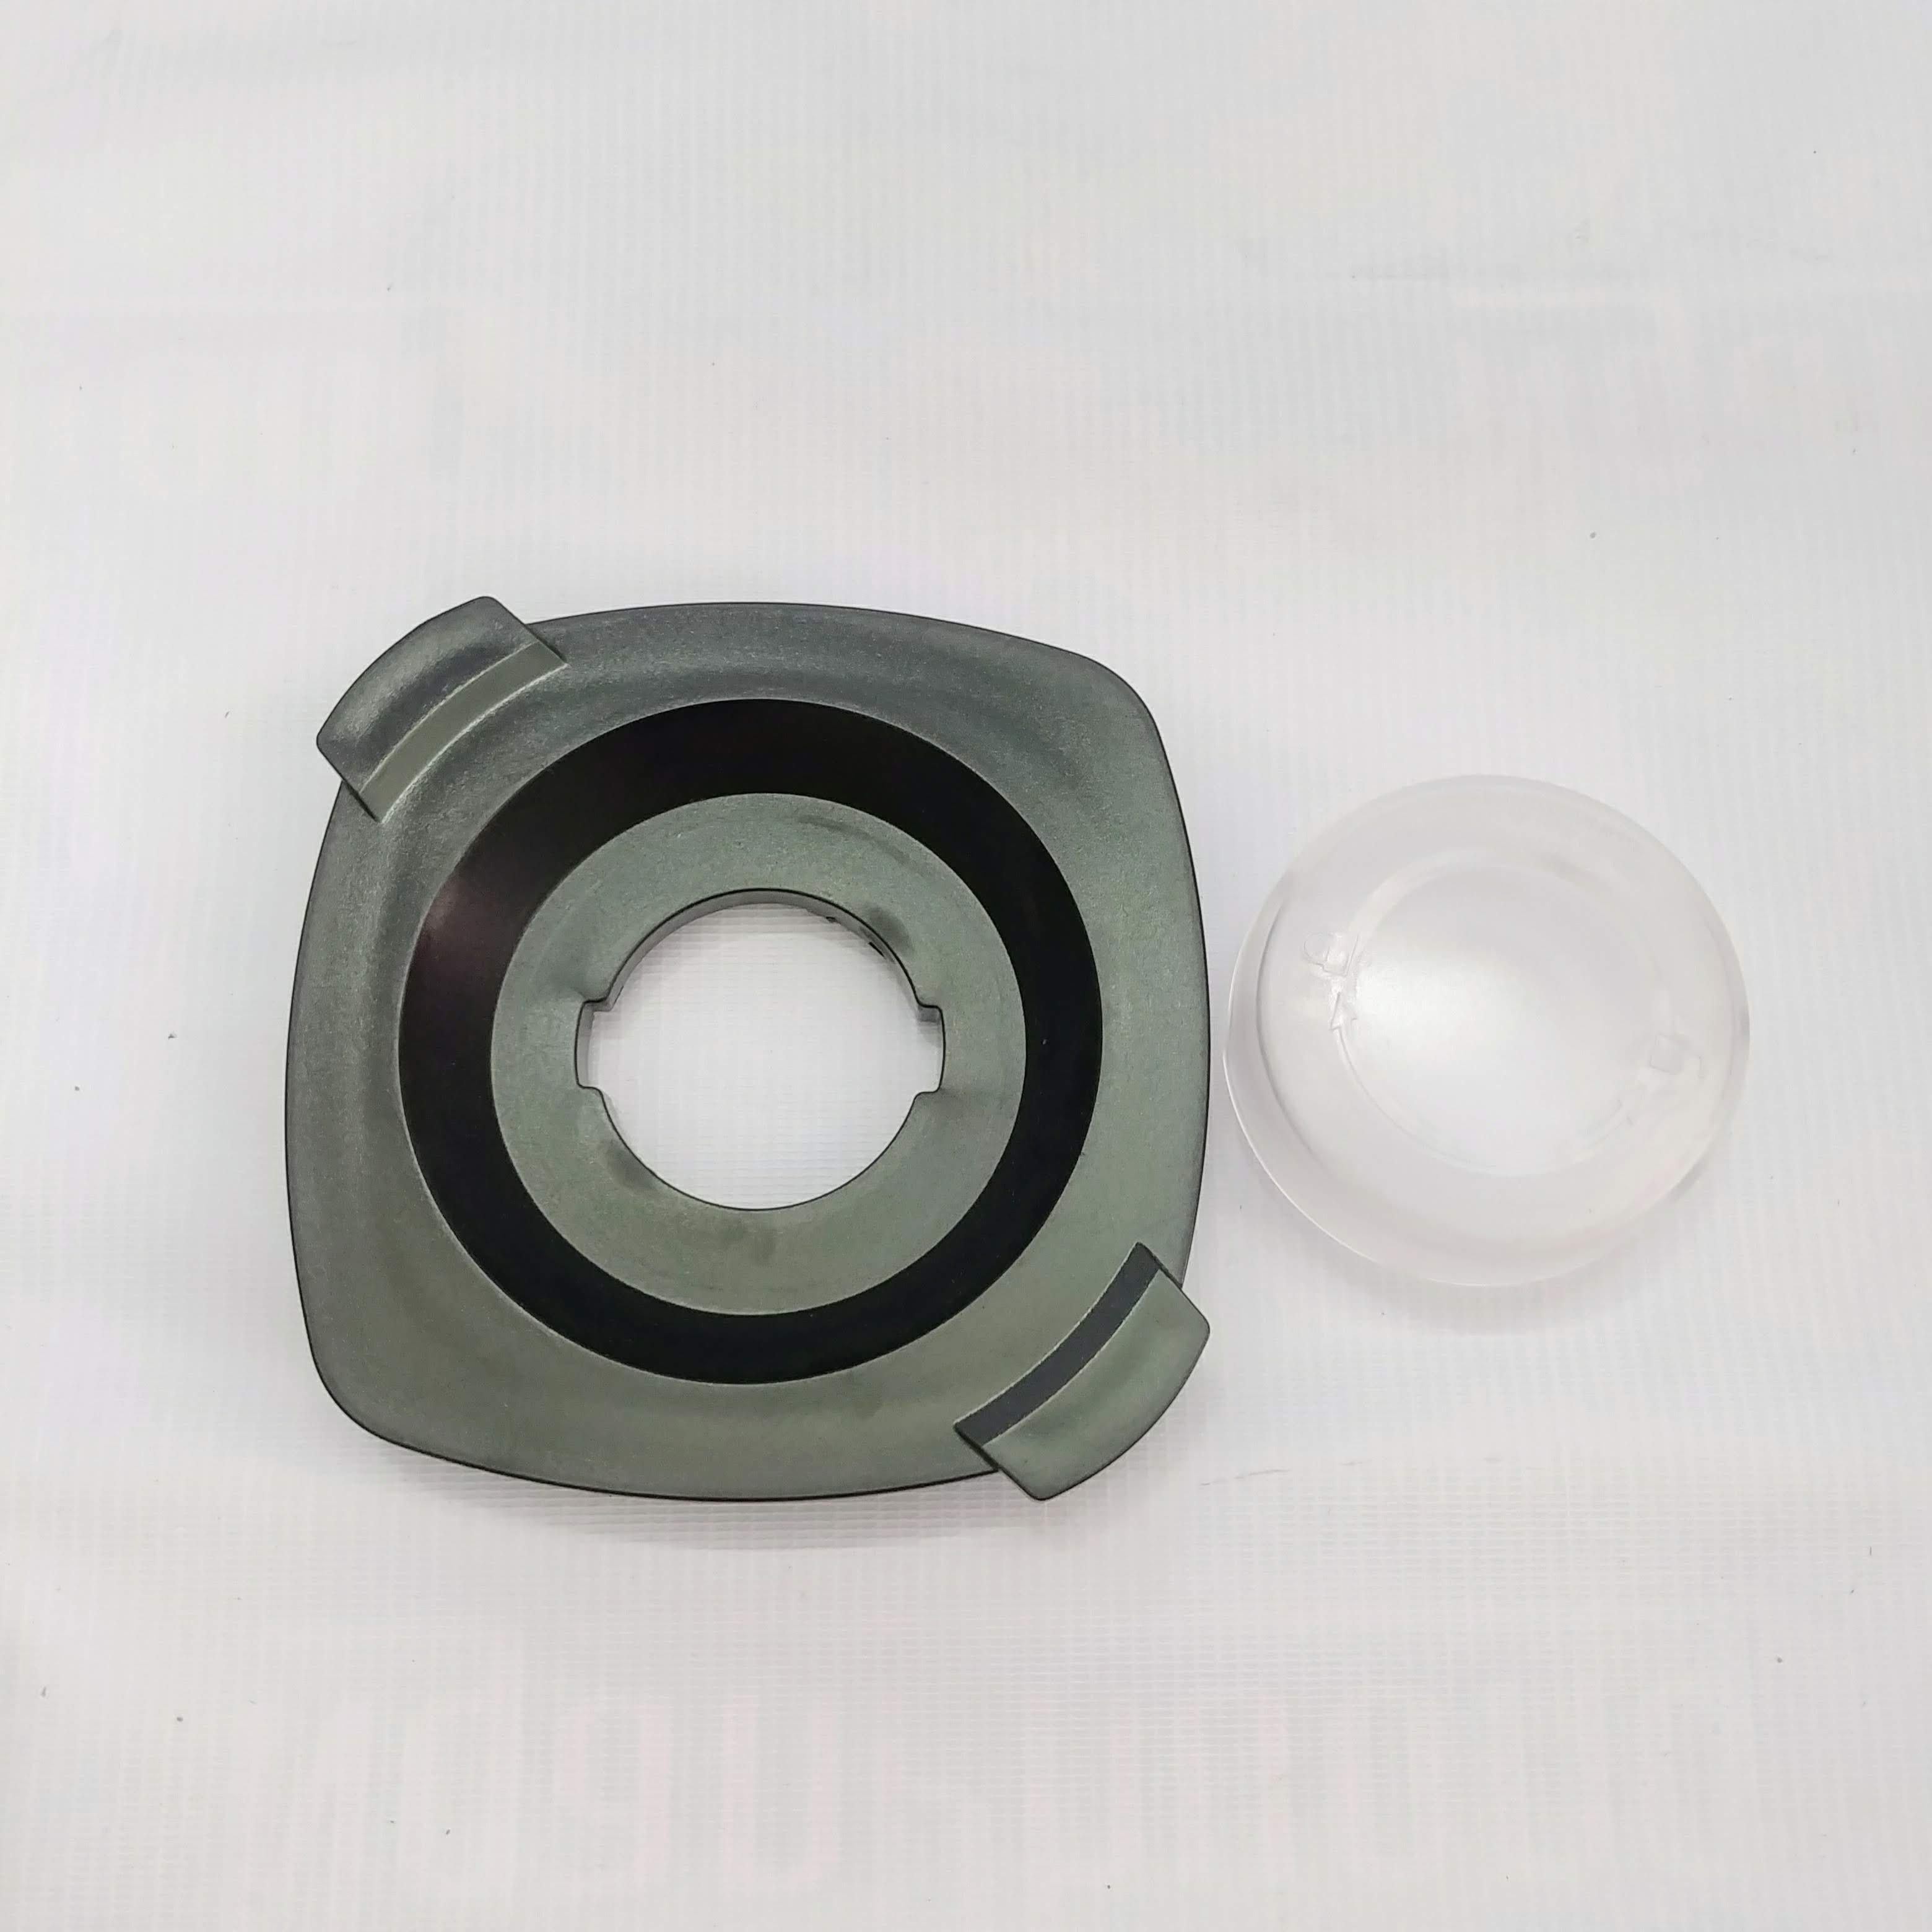 Máy xay sinh tố công nghiệp G7700 công suất 1800W, cối xay 1,8 lít